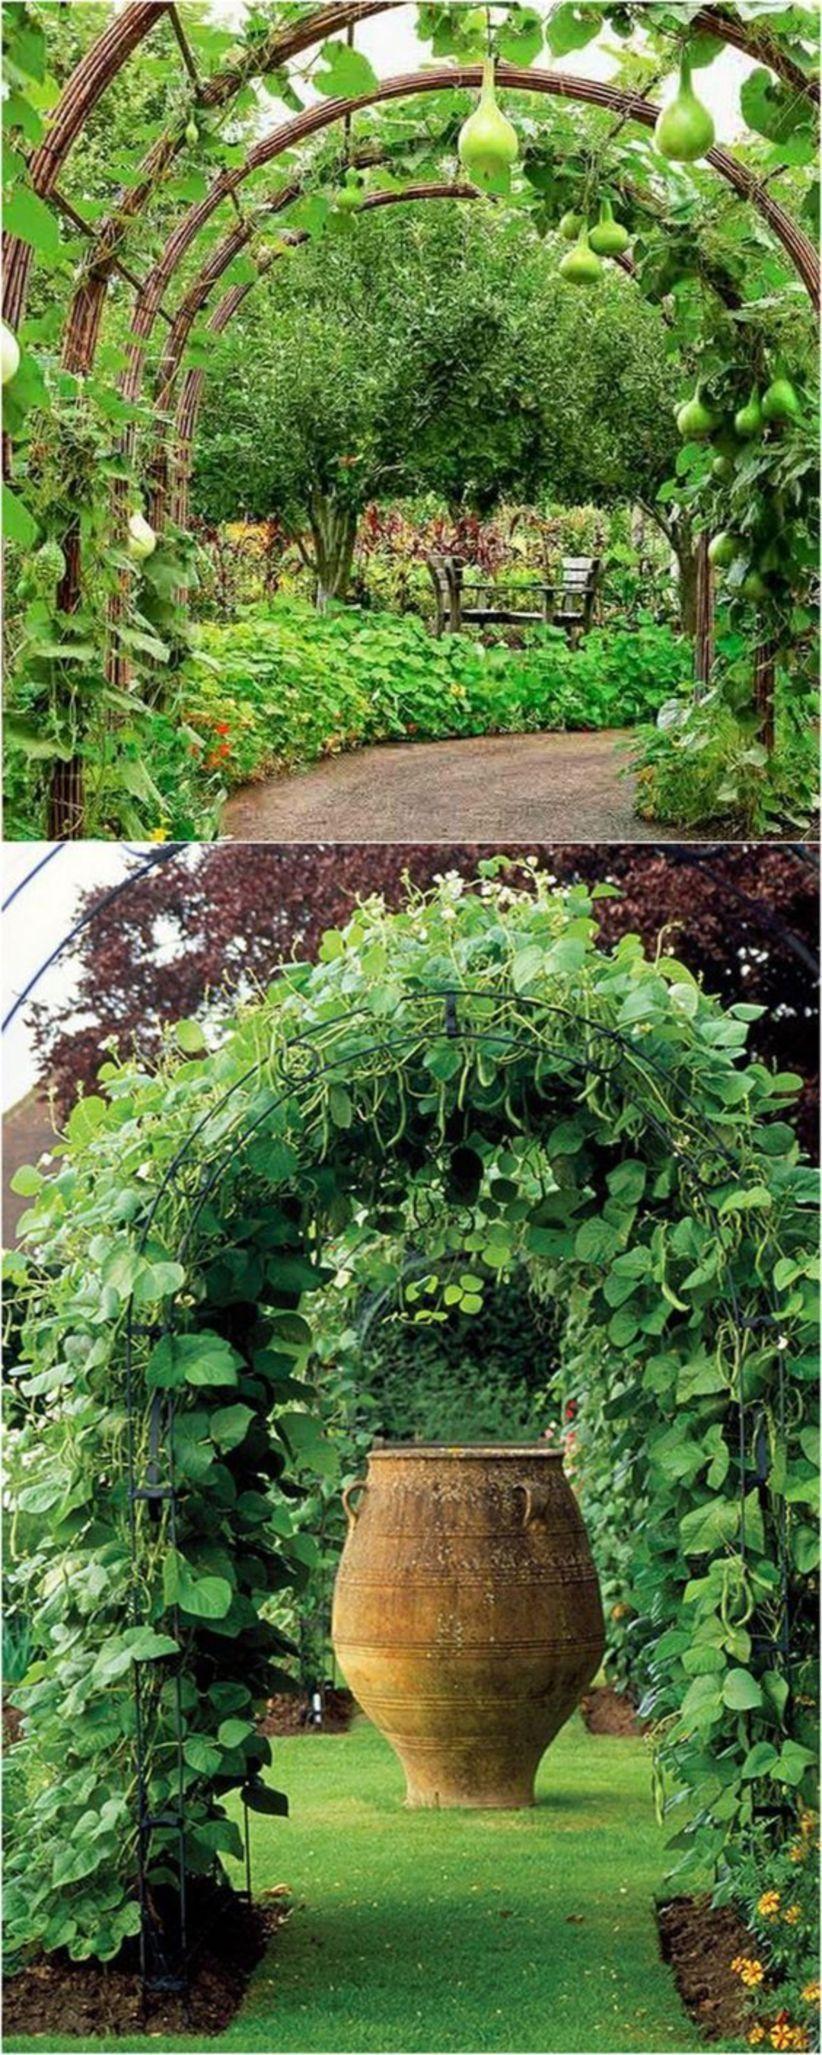 15 DIY Lovely Garden Decor Ideas You Will Love | Gardens, Growing ...